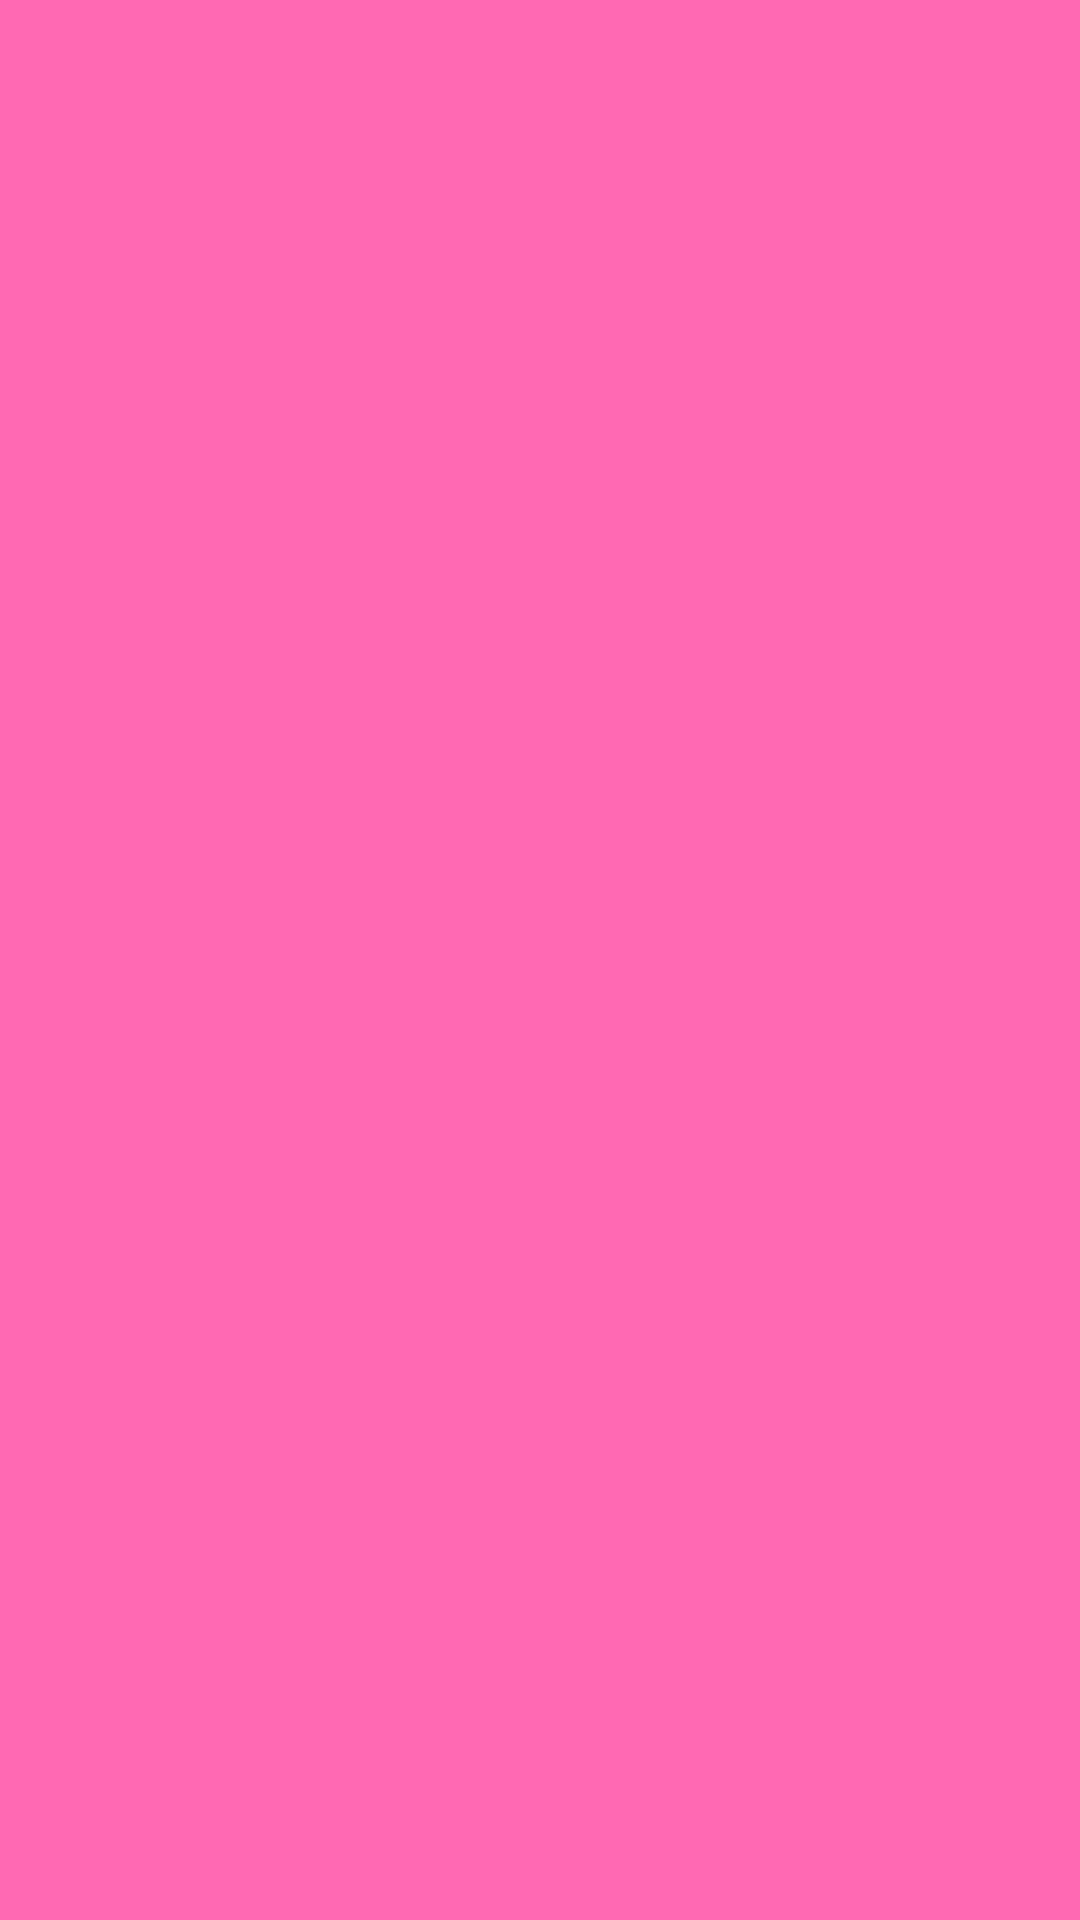 Solid Pink Iphone Wallpaper Best Iphone Wallpaper